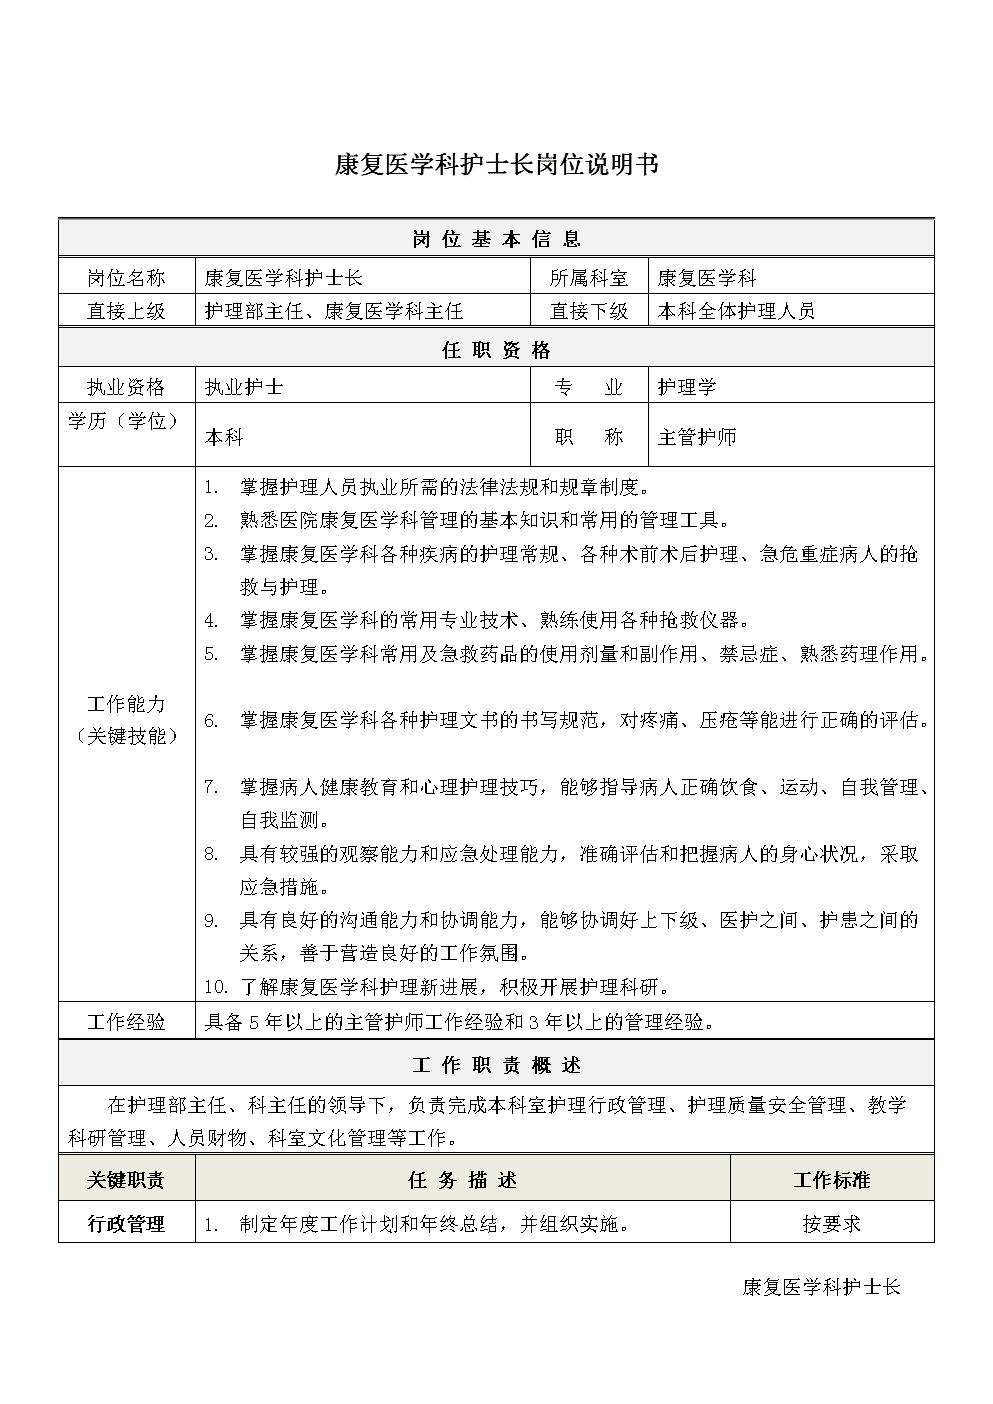 1康复医学科护士长岗位说明书.docx